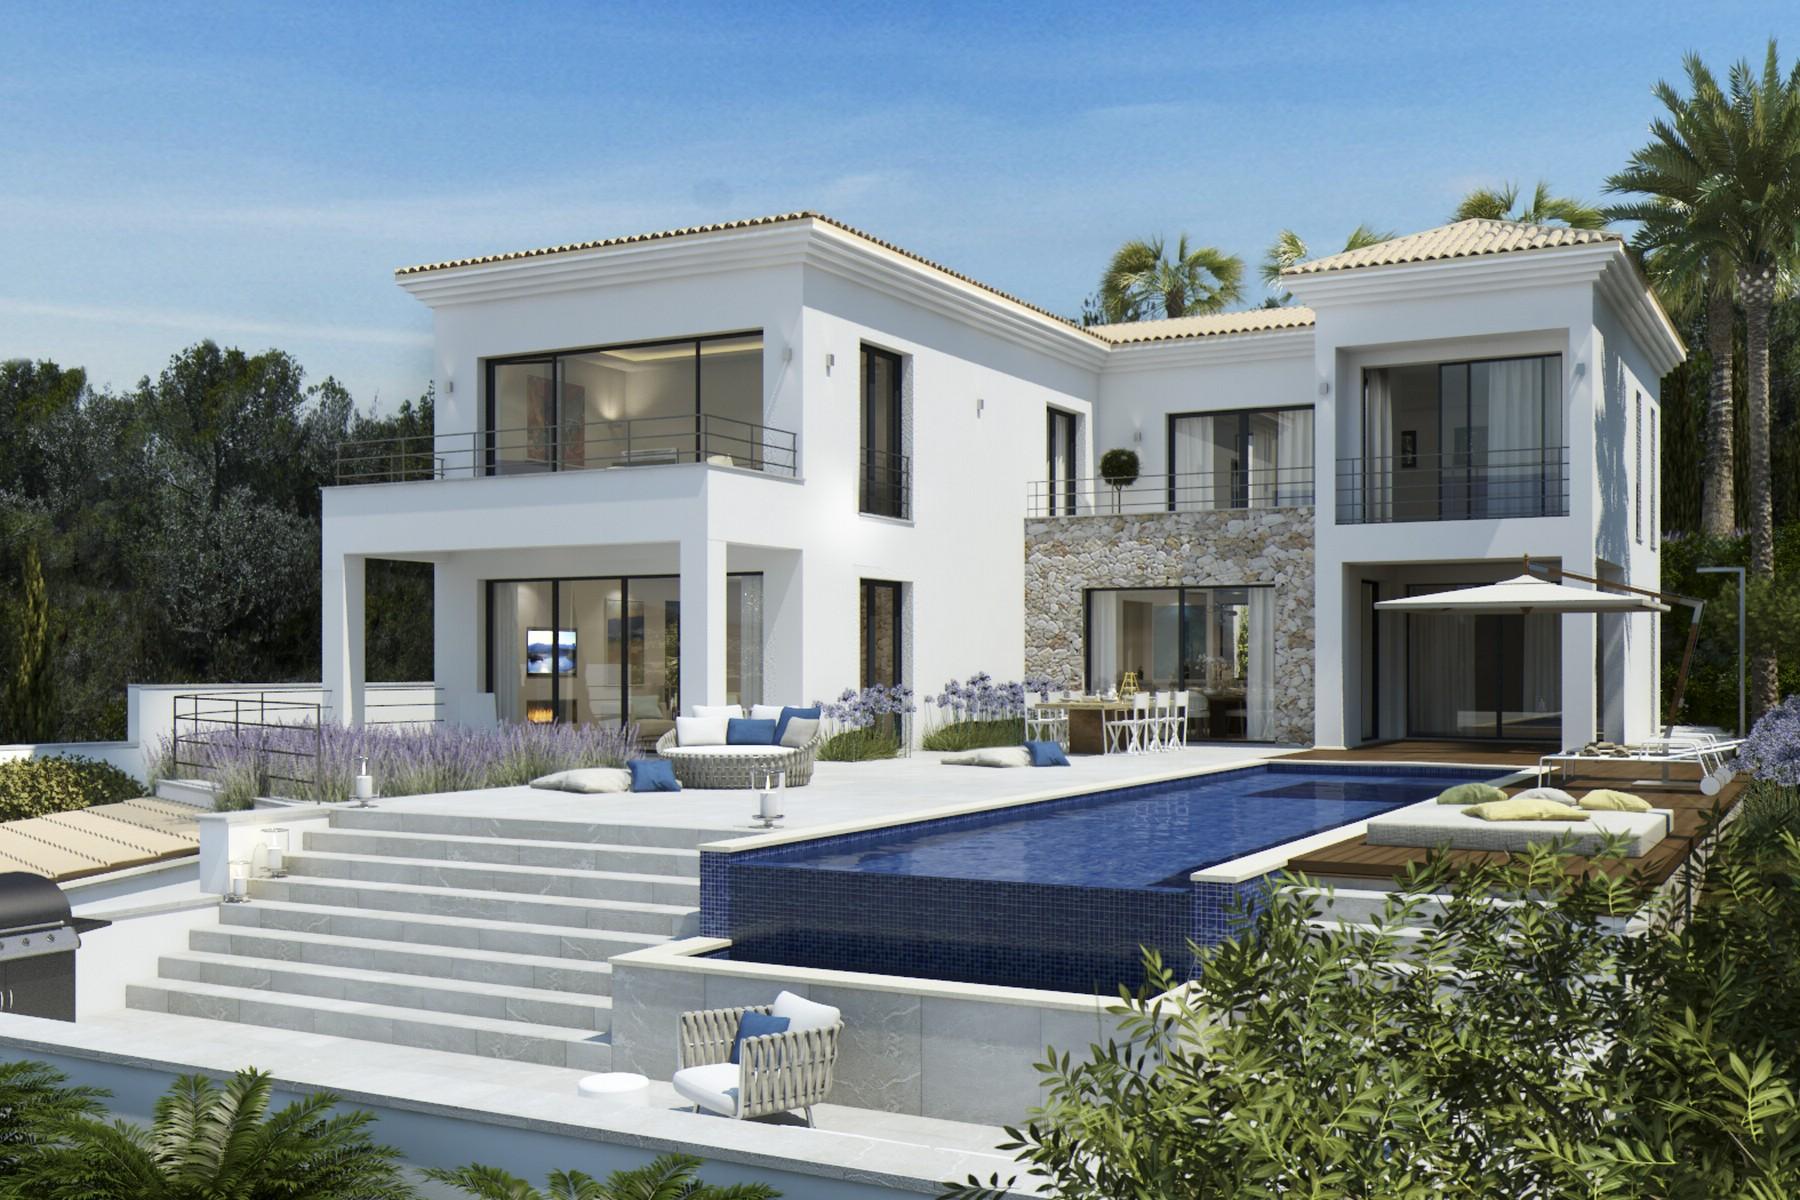 단독 가정 주택 용 매매 에 Renewed Villa with seaview in Santa Ponsa Nova Santa Ponsa, 말로카, 07180 스페인